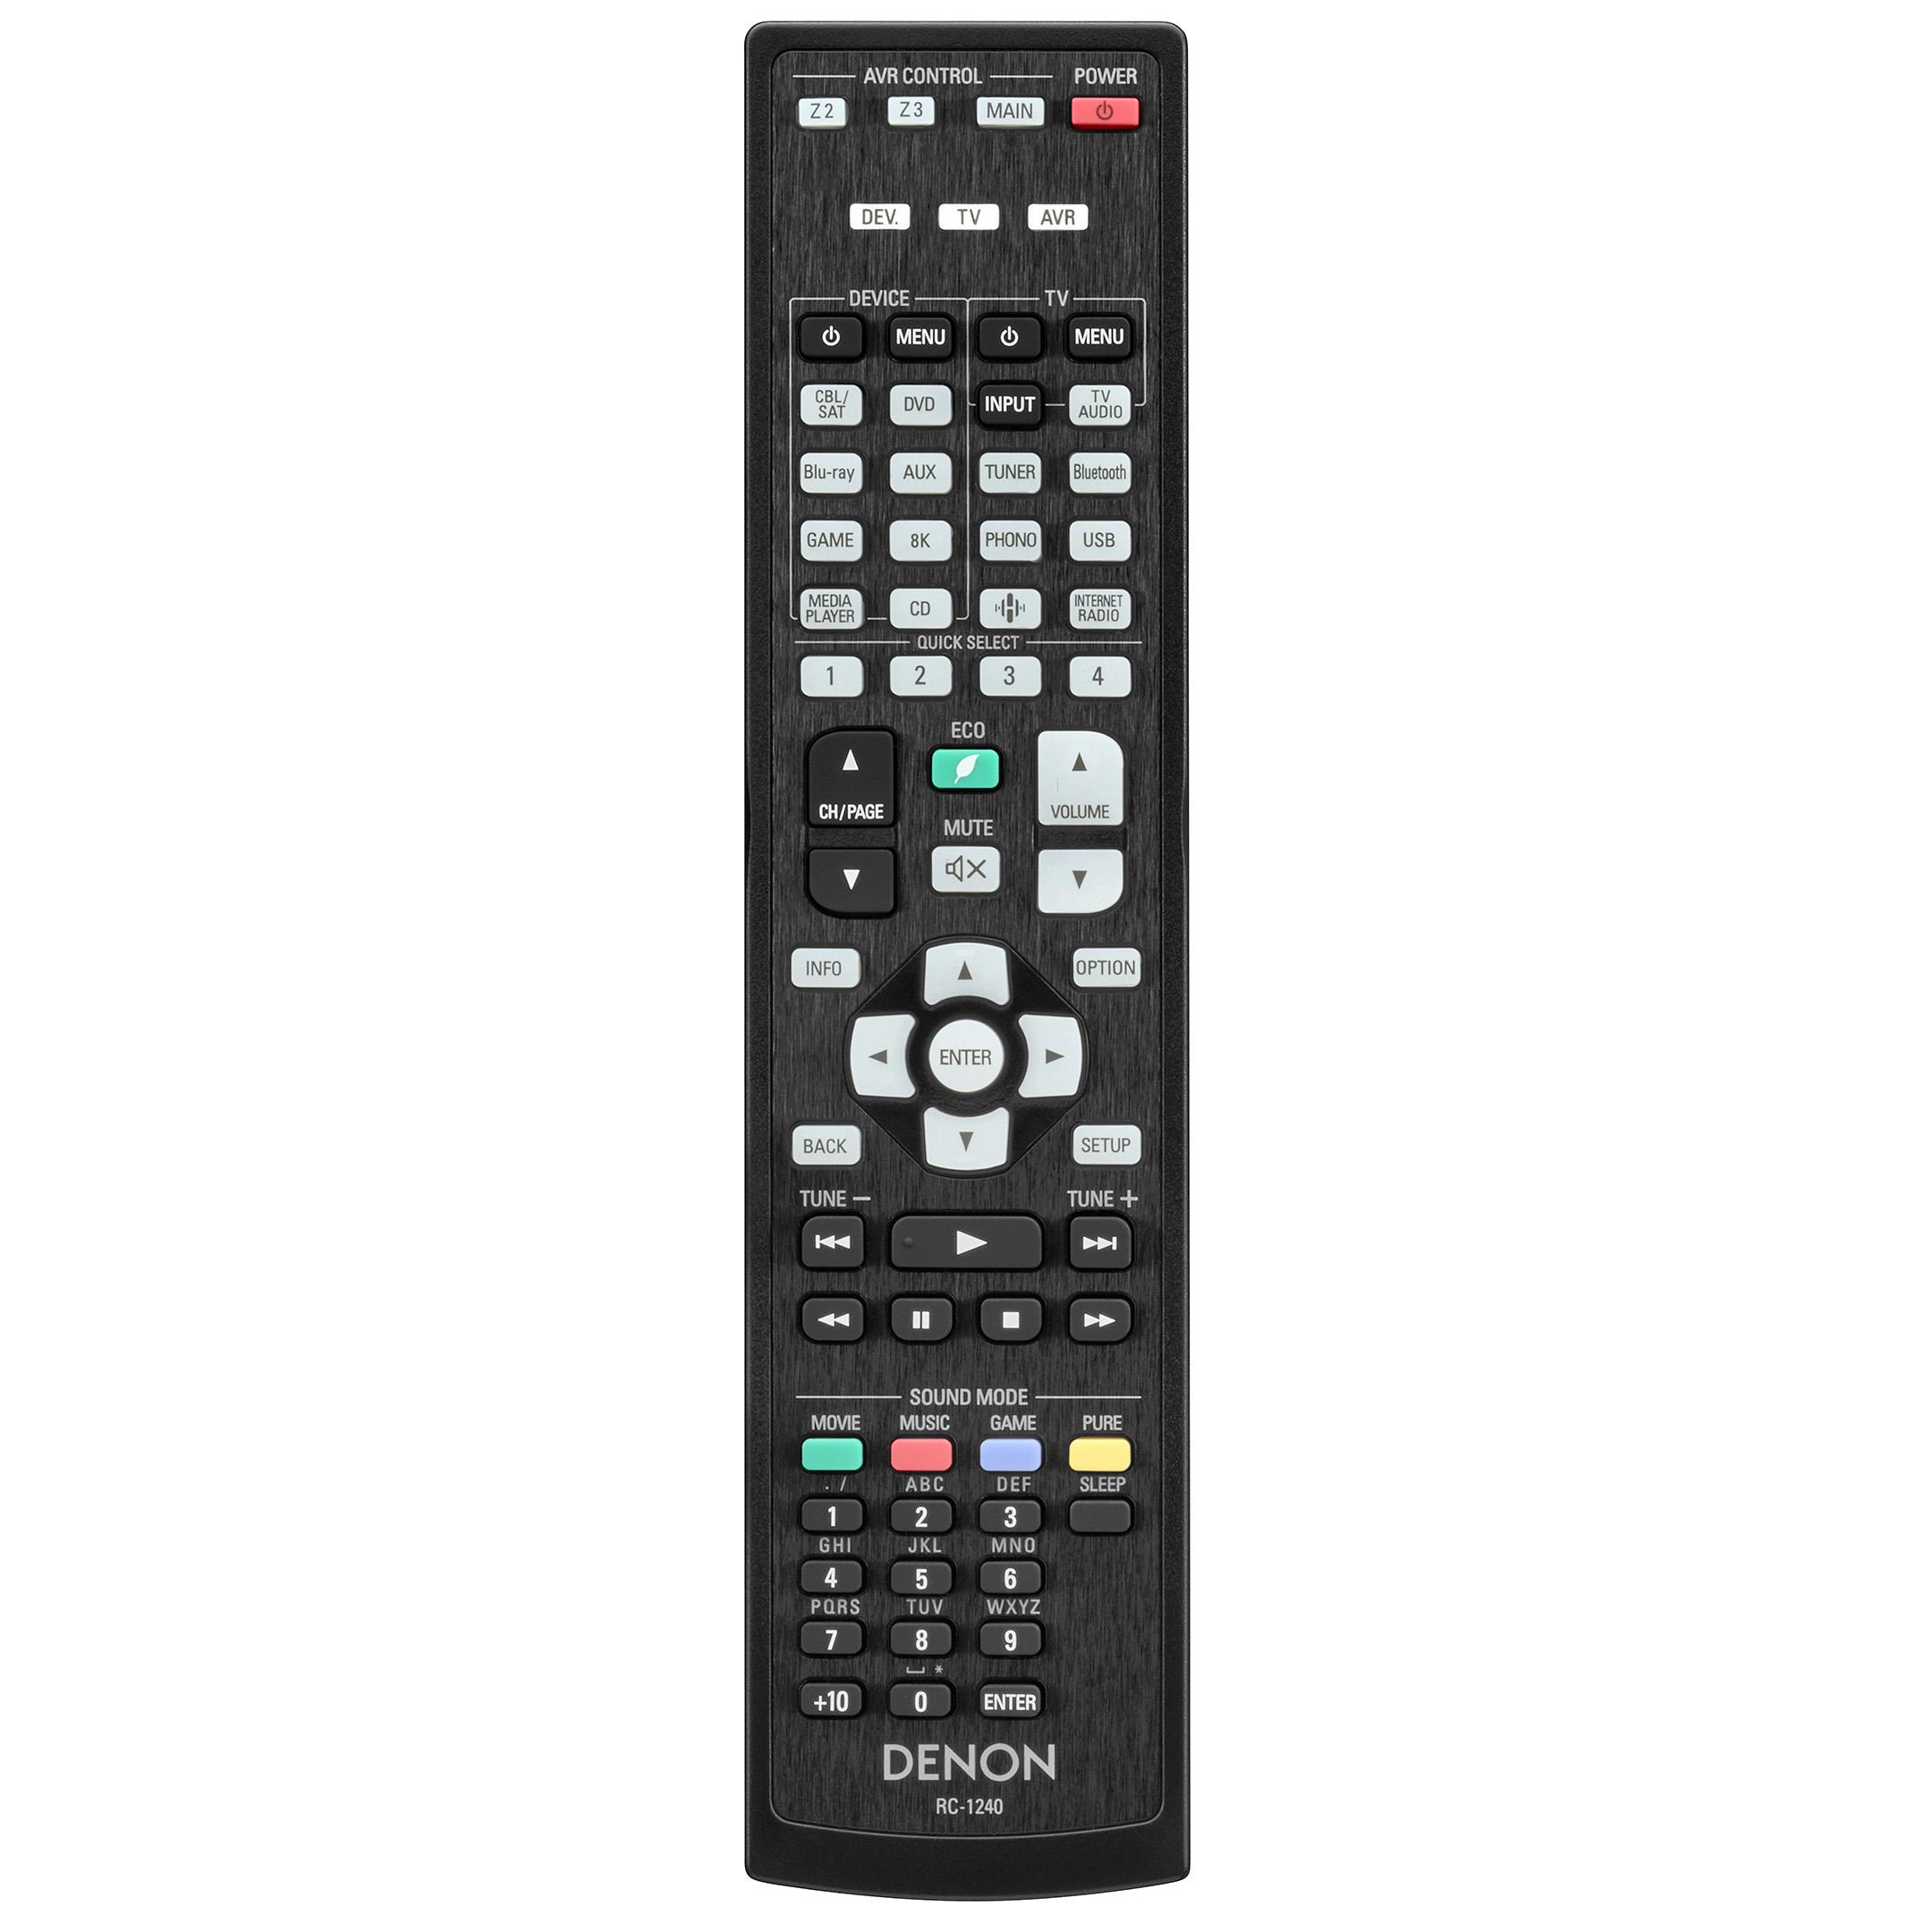 Denon_AVC-X6700H_remote